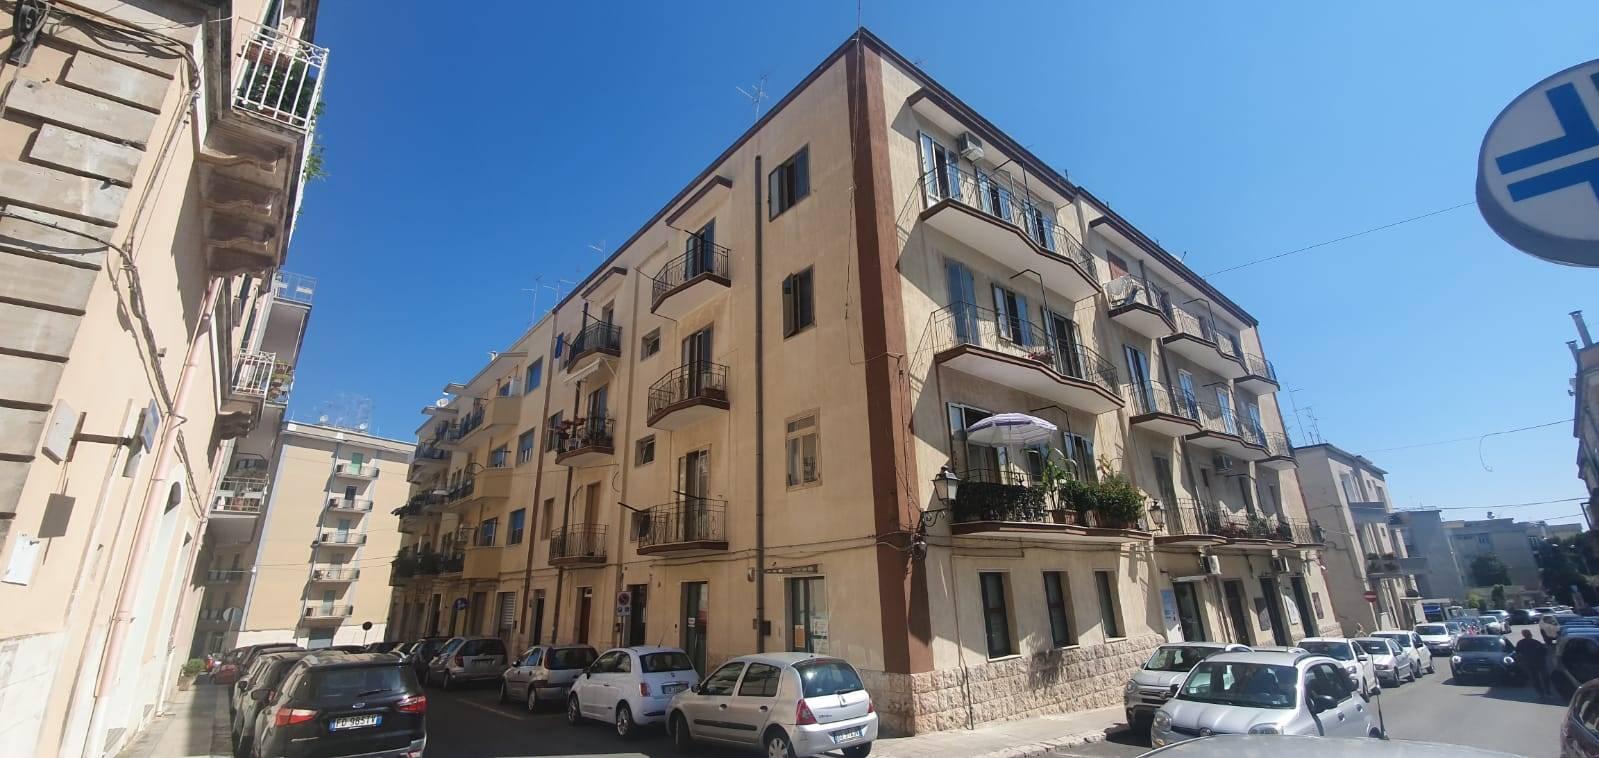 Appartamento in vendita a Martina Franca, 3 locali, prezzo € 130.000 | CambioCasa.it